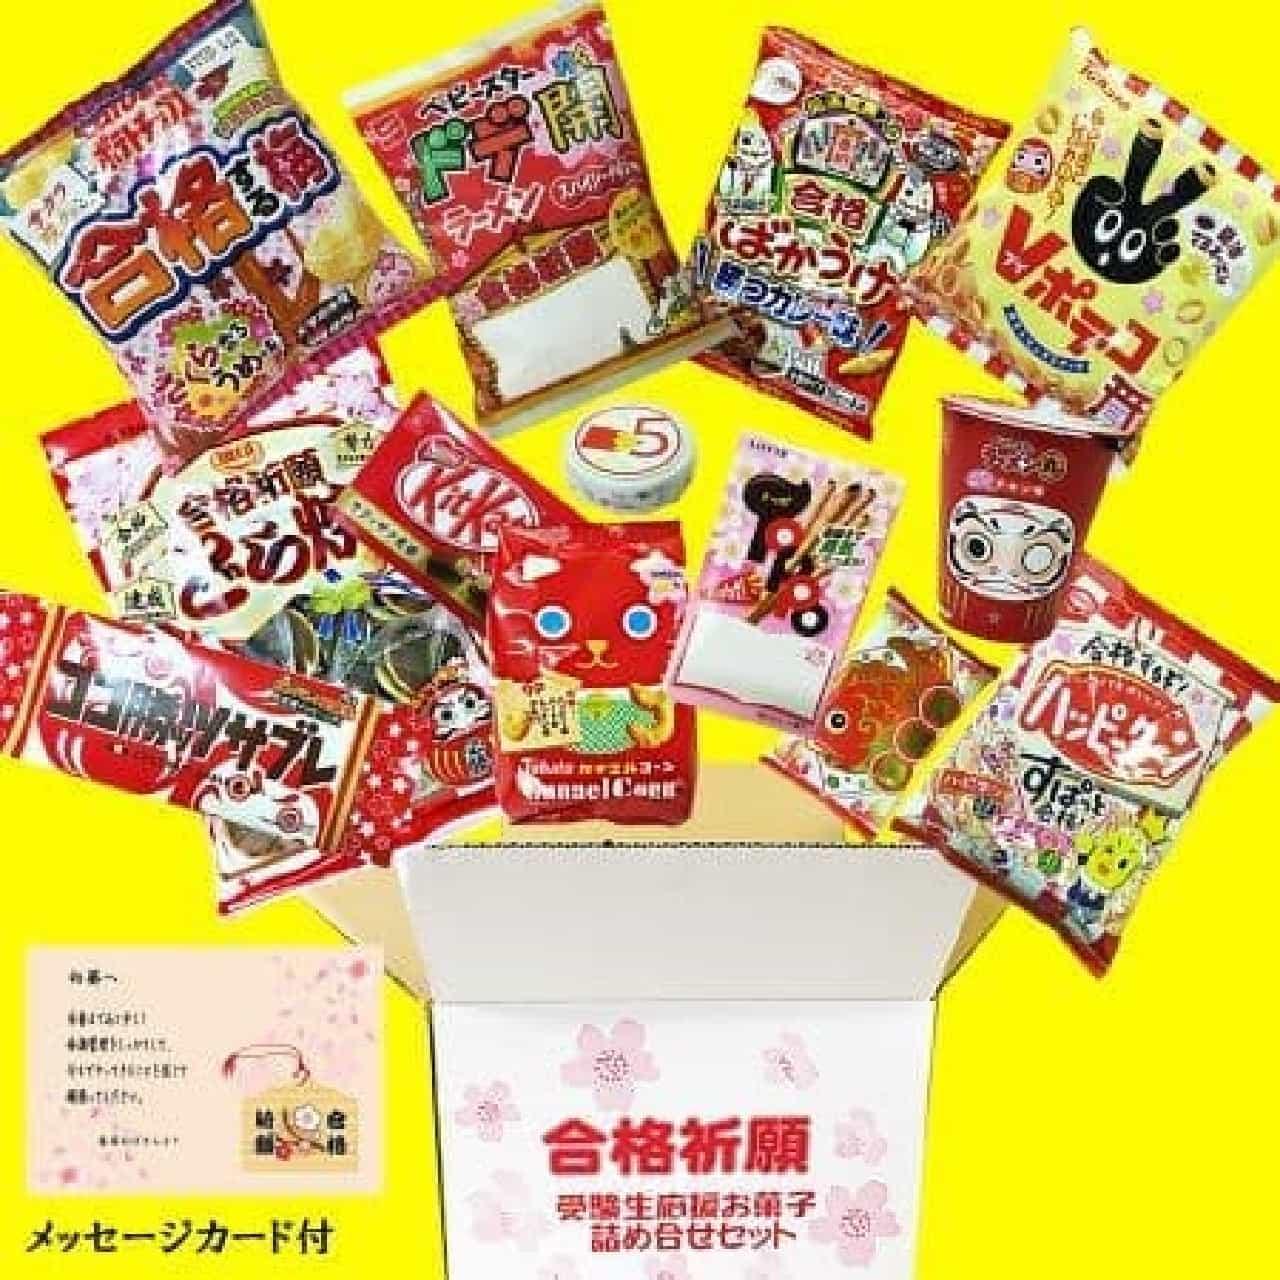 「合格祈願お菓子詰め合せBOX」は、合格祈願お菓子とオリジナルマスキングテープのセット